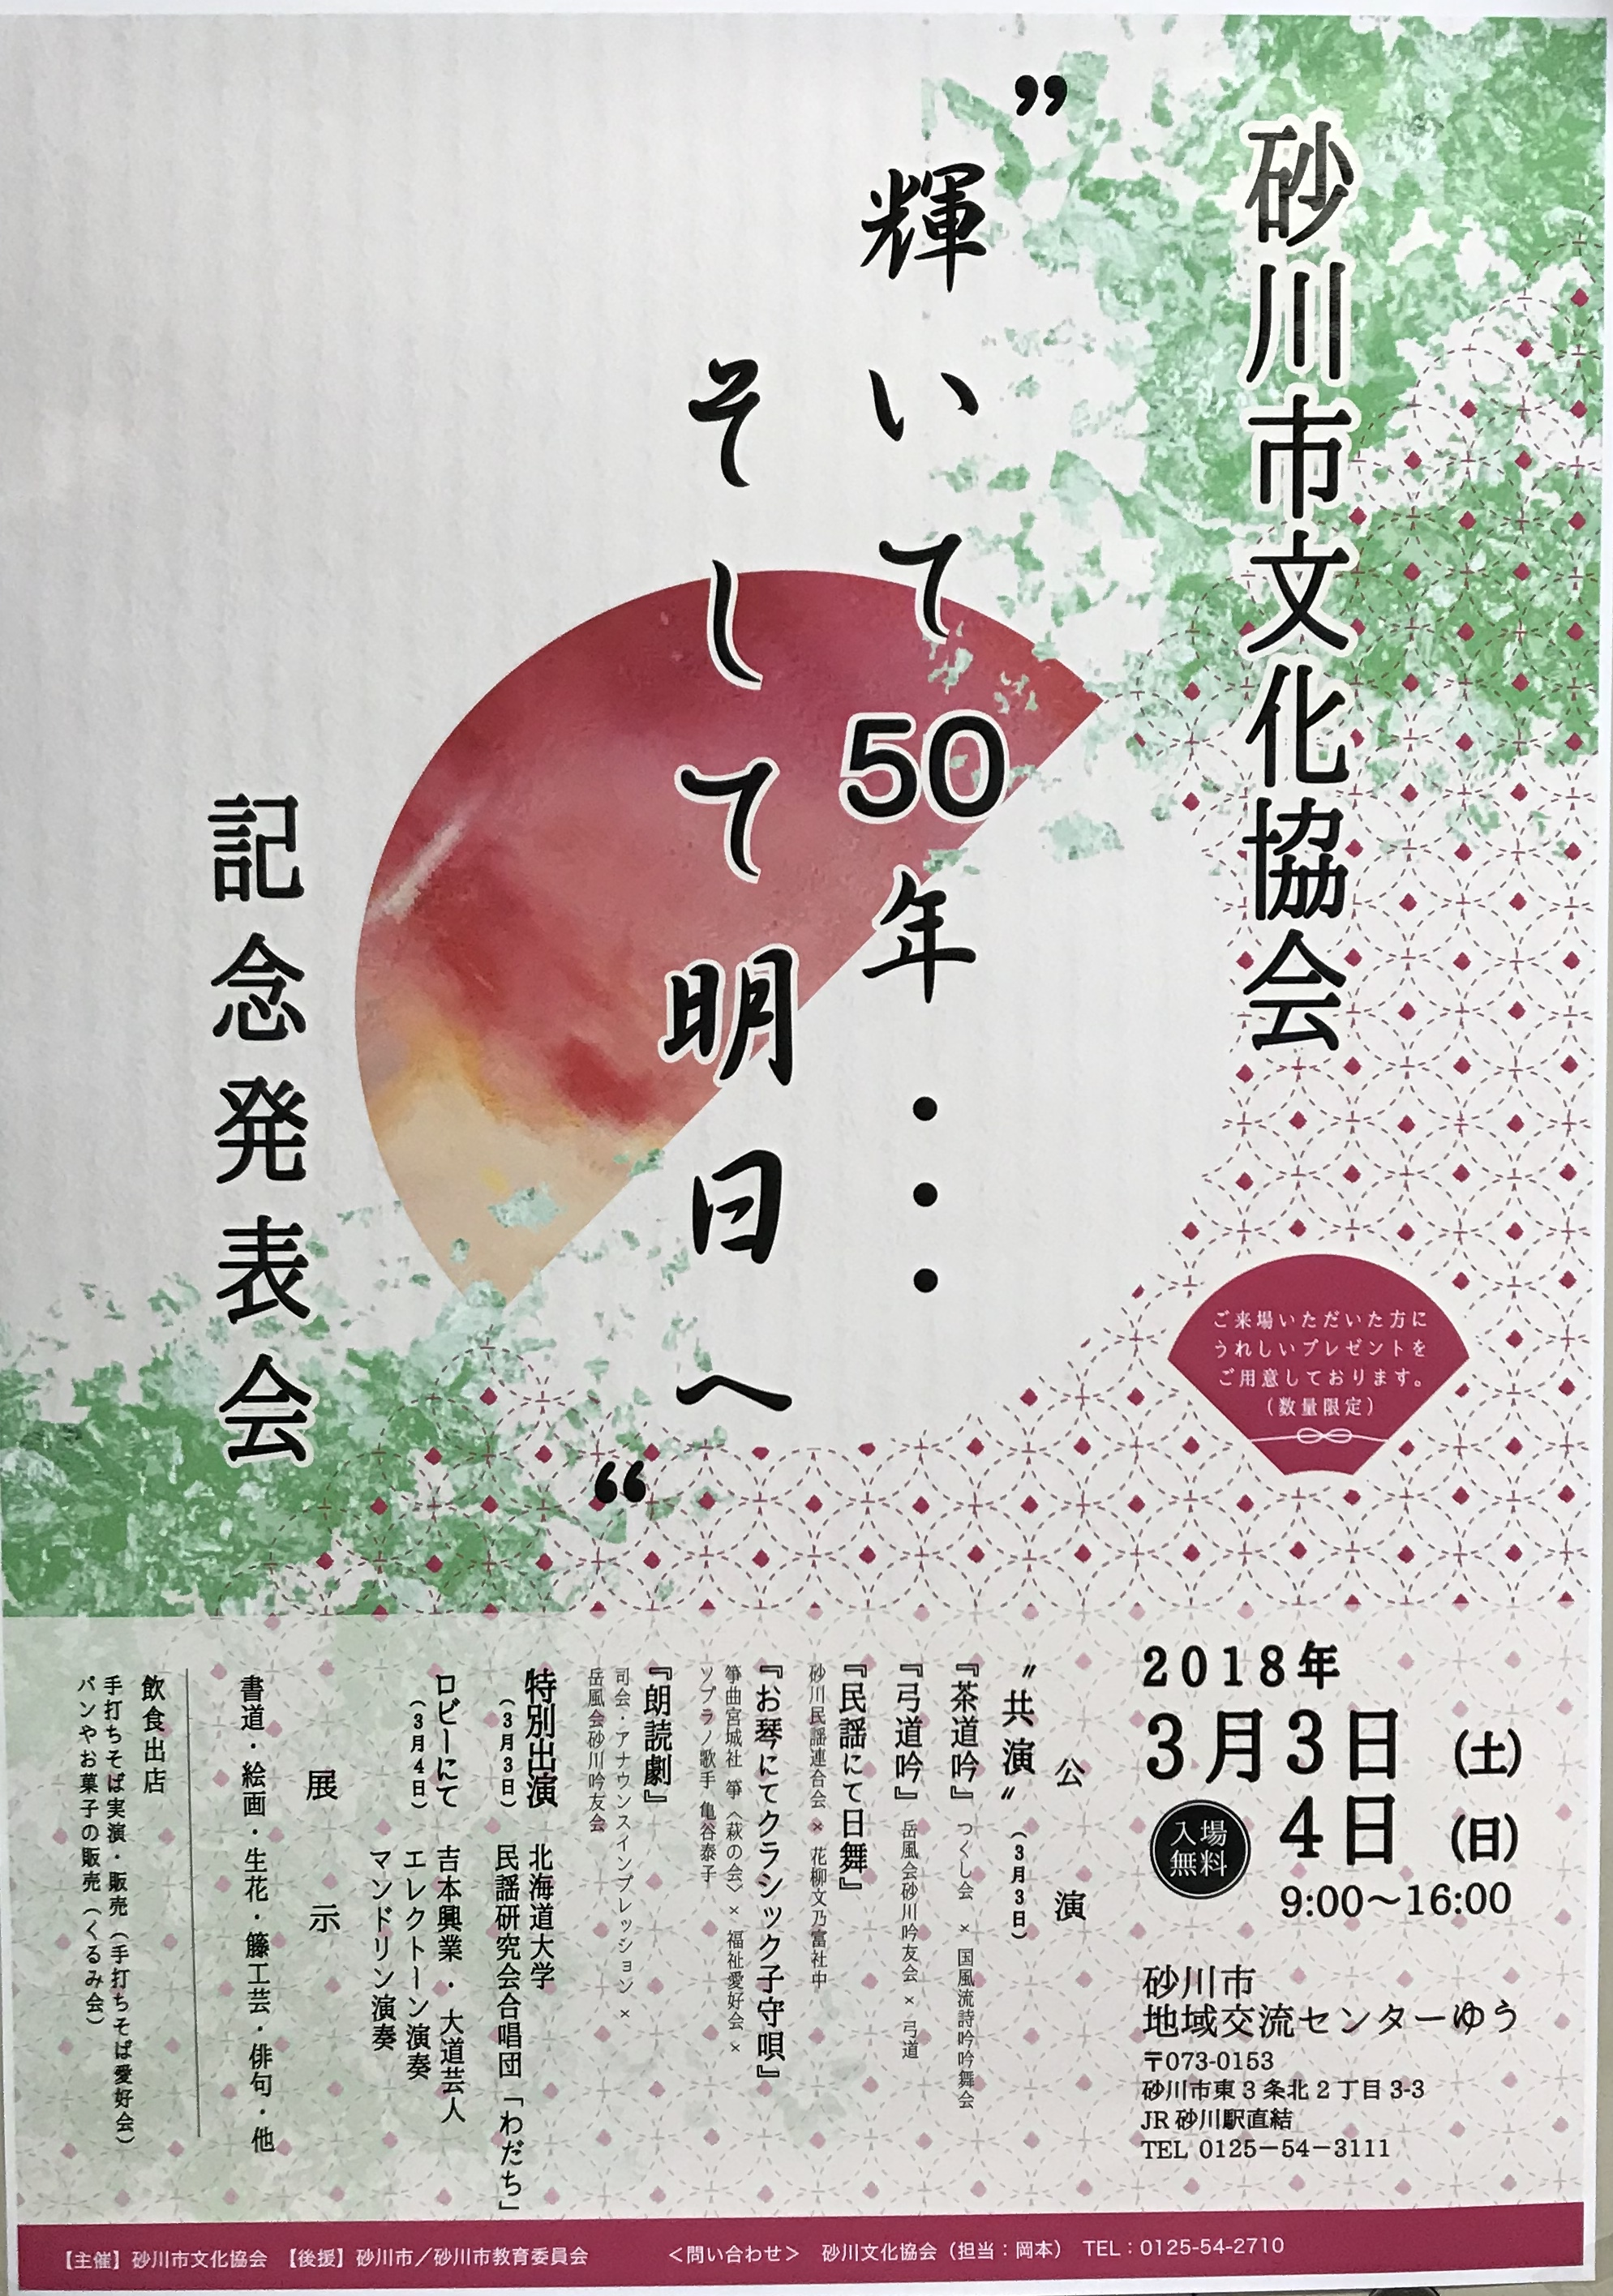 砂川市文化協会 記念発表会のポスター